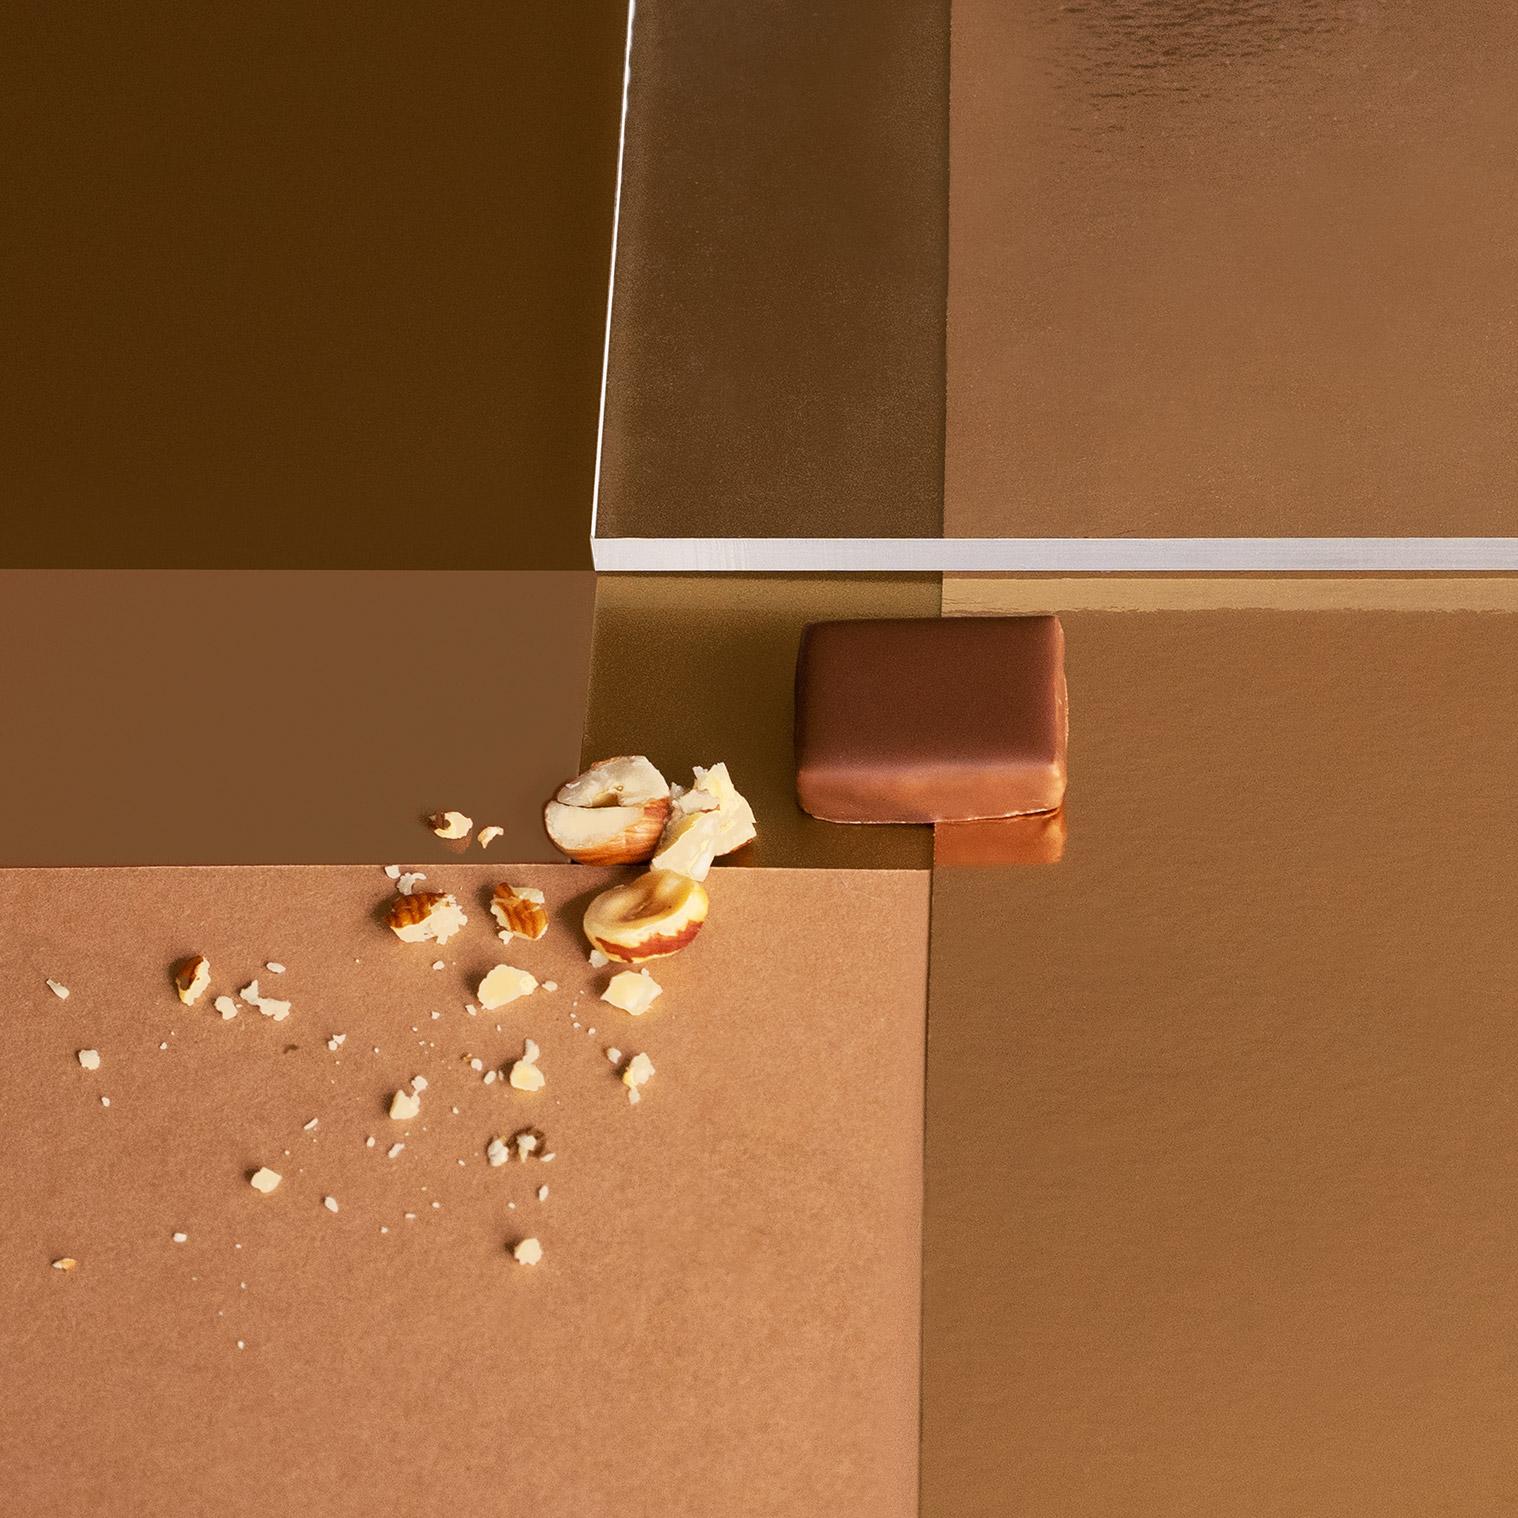 10-ChocolateSquare-11c